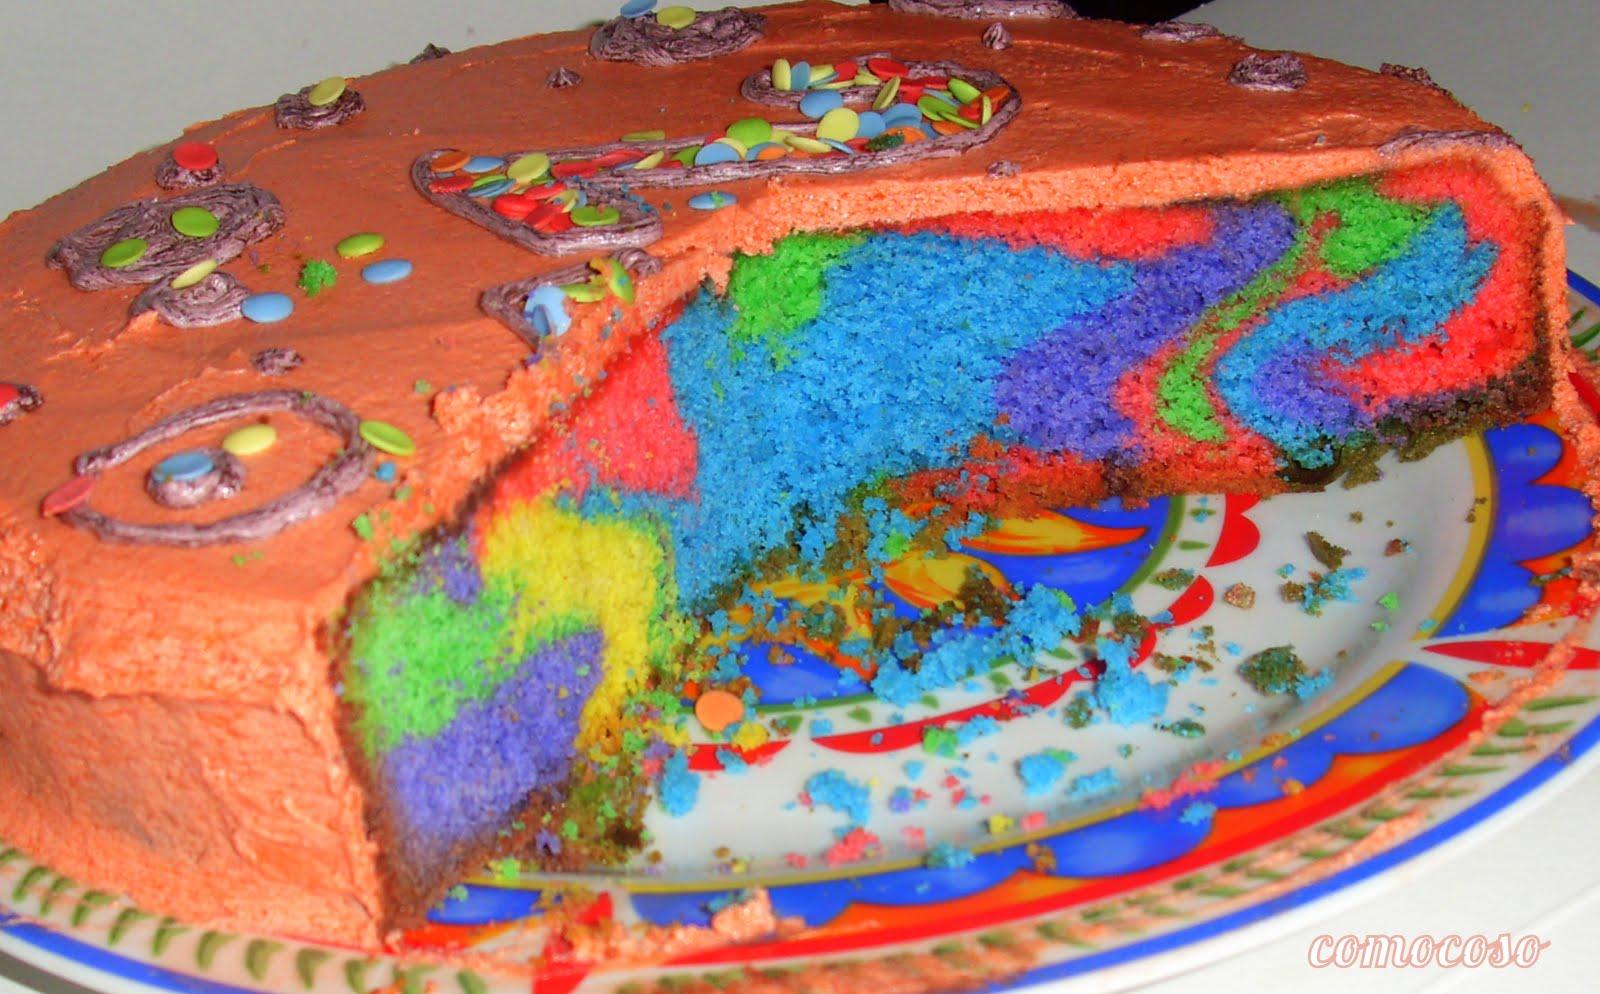 Comocoso pastel de cumplea os primil - Bizcocho de cumpleanos para ninos ...